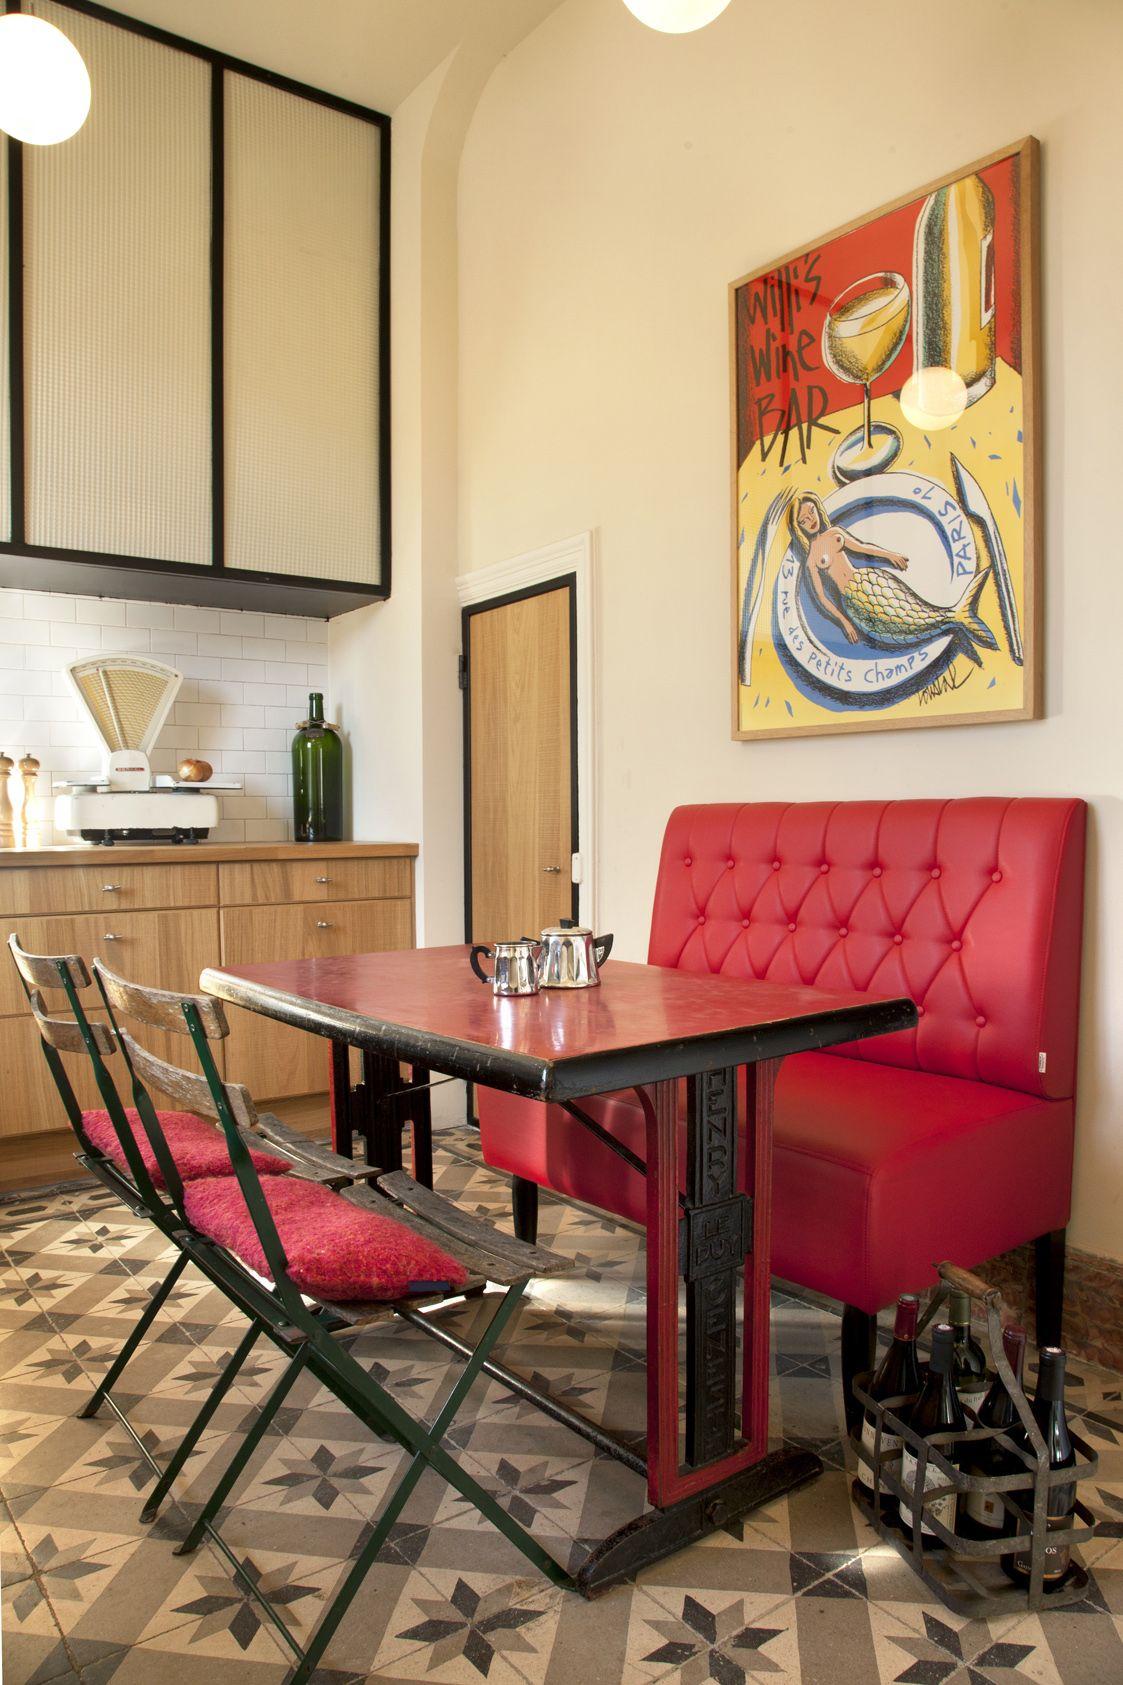 Résultat De Recherche Dimages Pour Banquette Cuisine Ikea - Table de cuisine ronde ikea pour idees de deco de cuisine